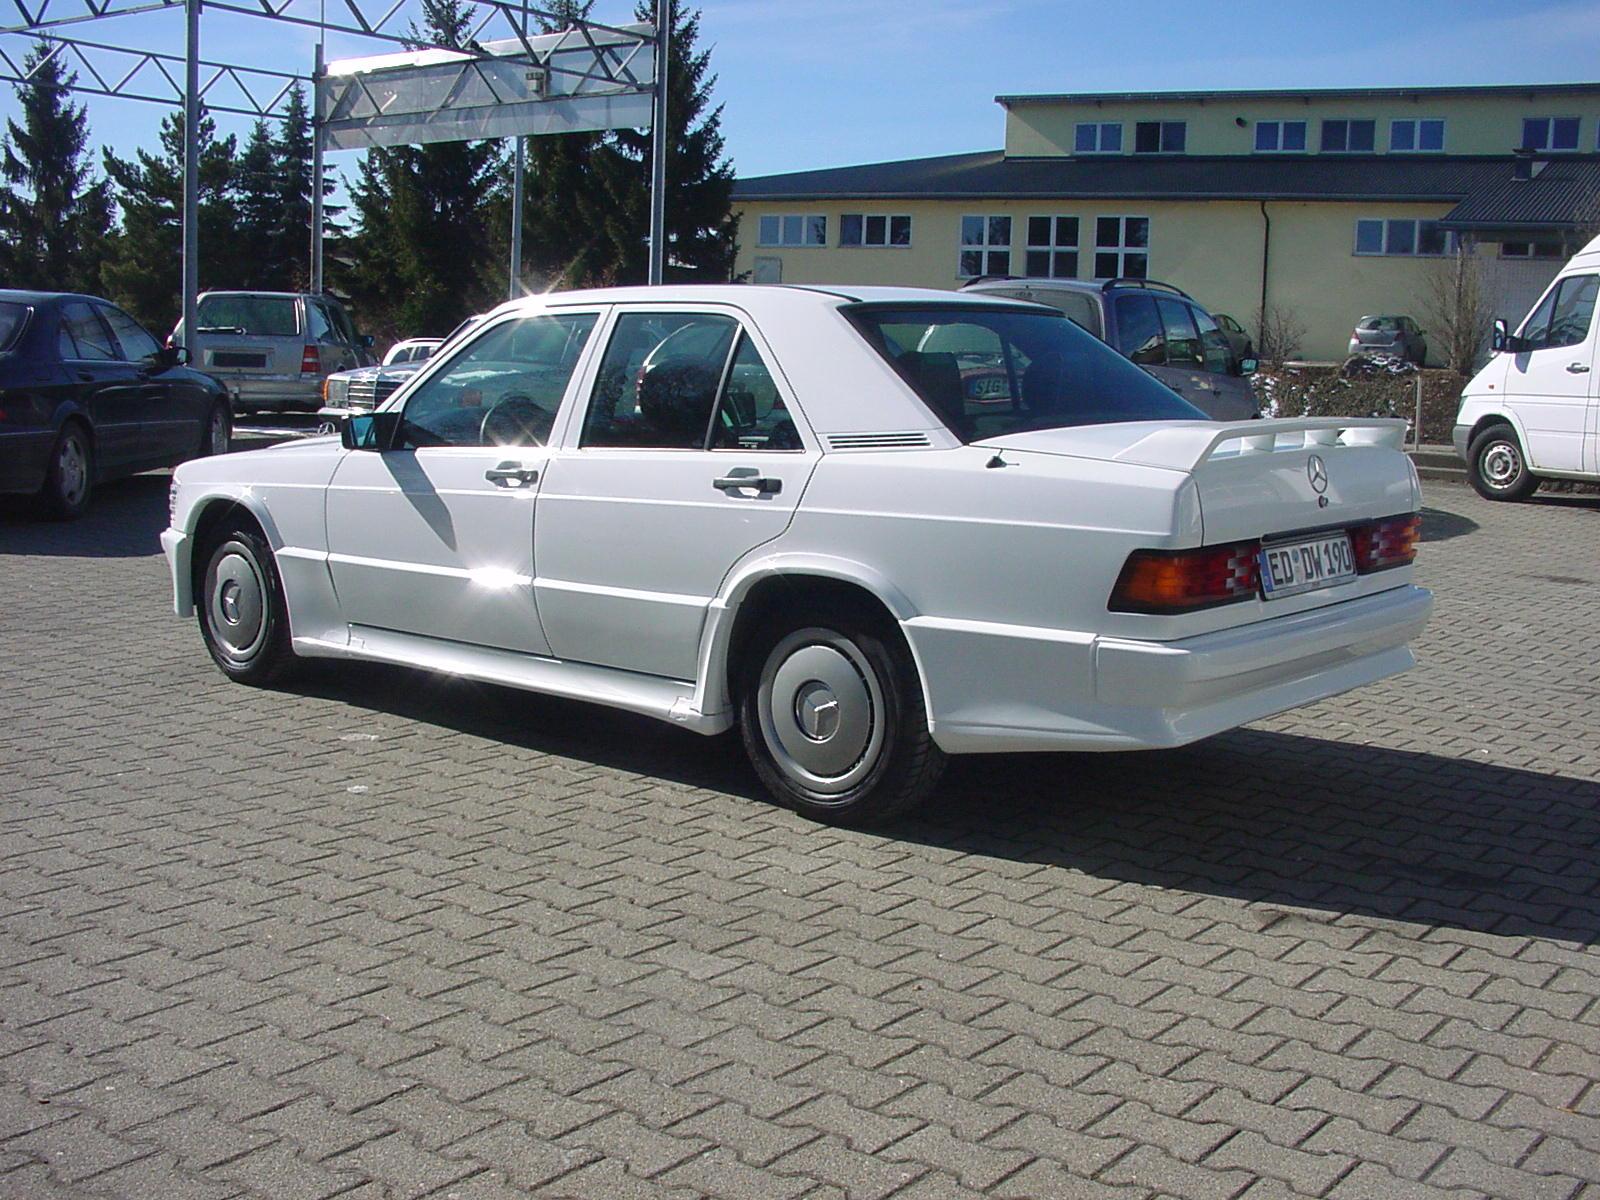 190er W201 16V, Ersatzteile, Bodykit, Bausatz, Sport Auspuff, Krümmer, Resteration, Restaurierung, Goeckel